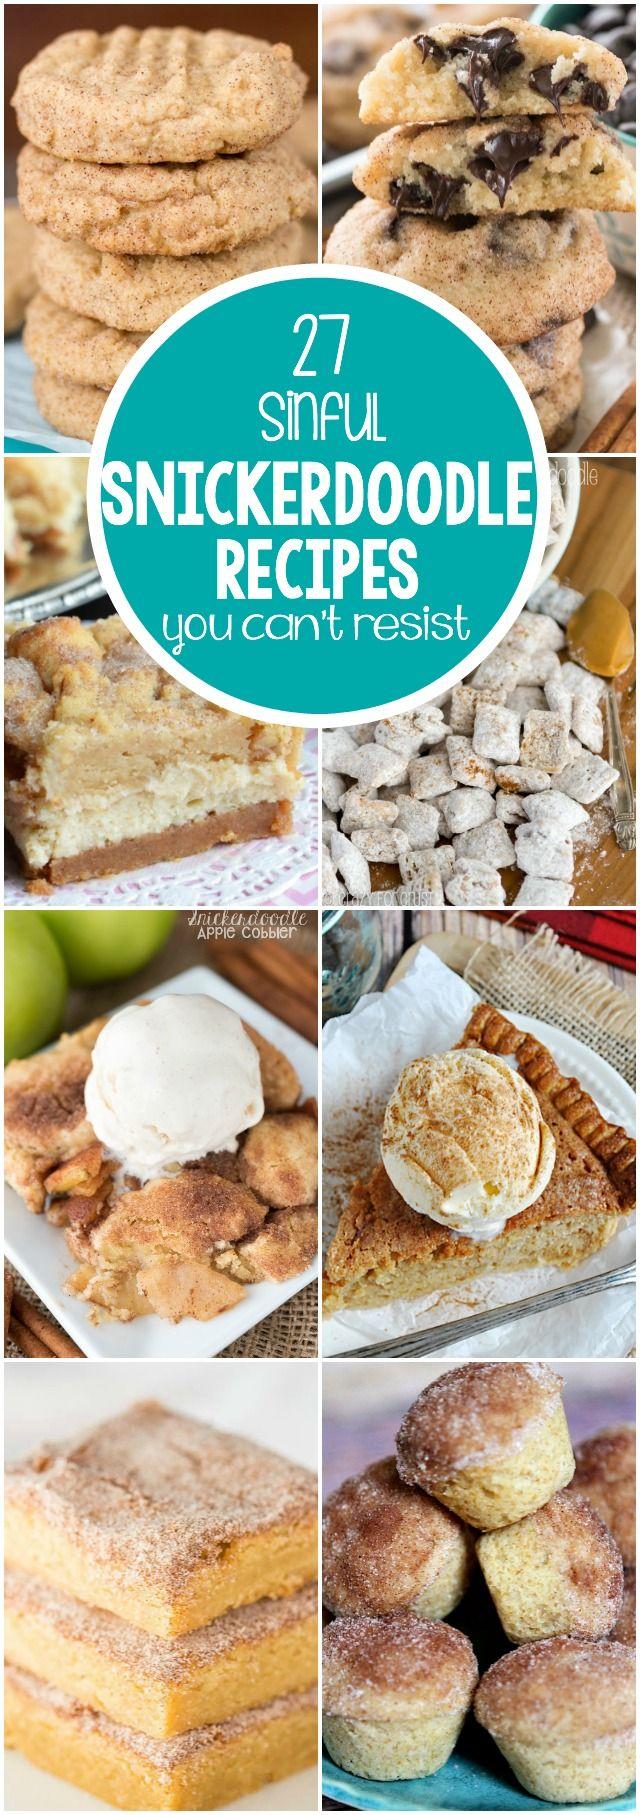 27 Snickerdoodle Рецепты вы не можете устоять!  Существует что-то для каждого жажде: печенье, пирог, даже завтрак рецепты!